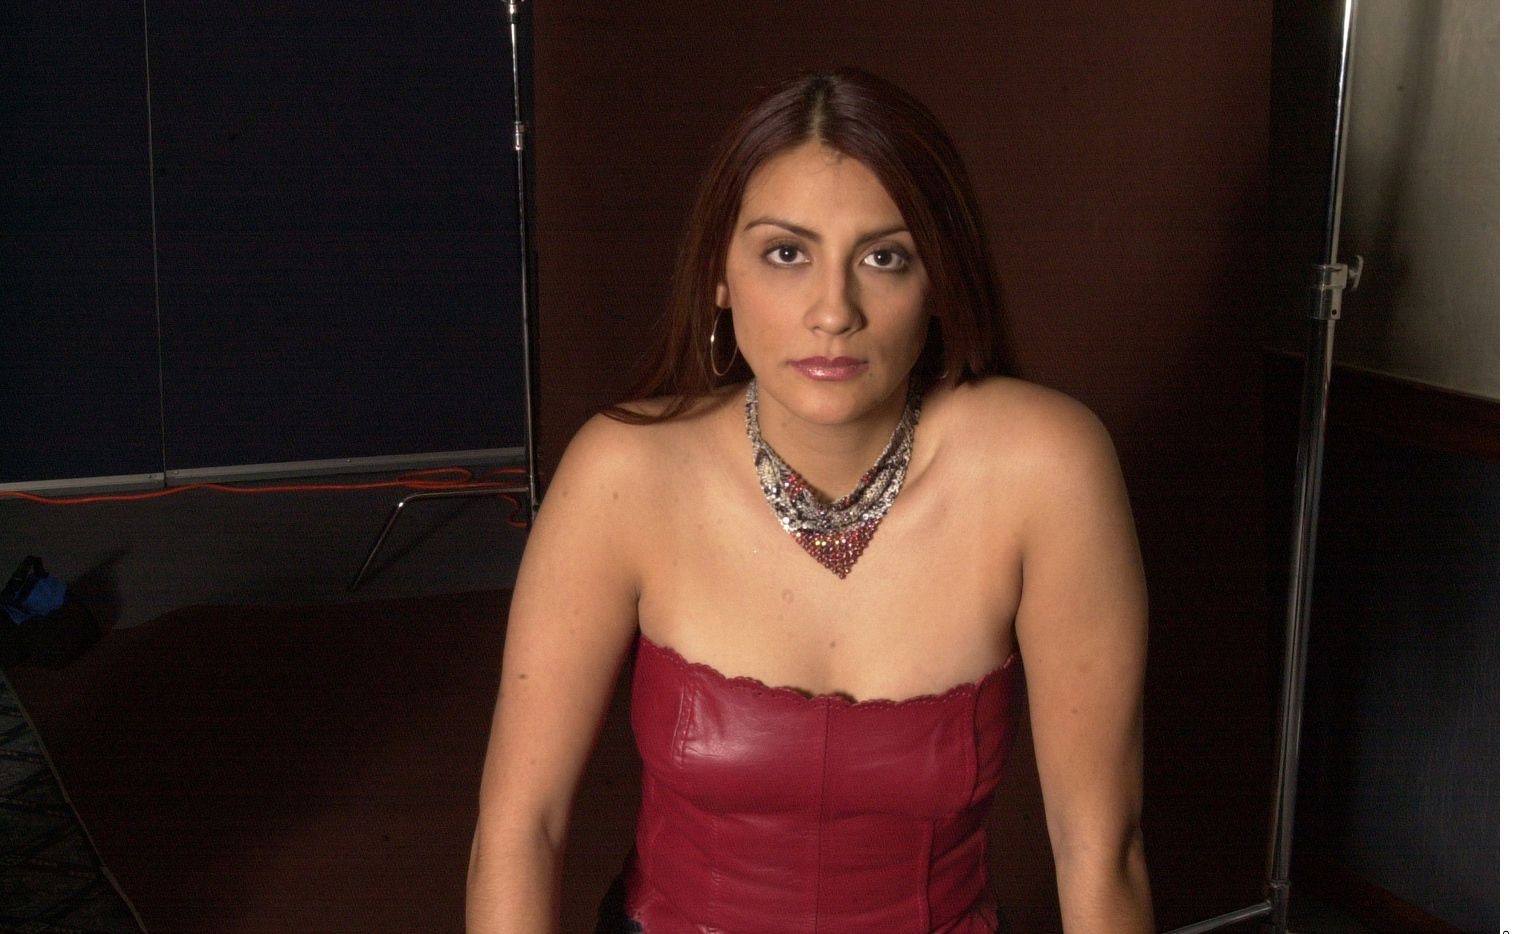 Azalia Ojeda, conocida como 'La Negra' y ex integrante de 'Big Brother', fue detenida luego que trabajadores de una sucursal del Banco BBVA en Atizapán de Zaragoza reportaron que el cheque que intentaba cobrar tenía reporte de robo.